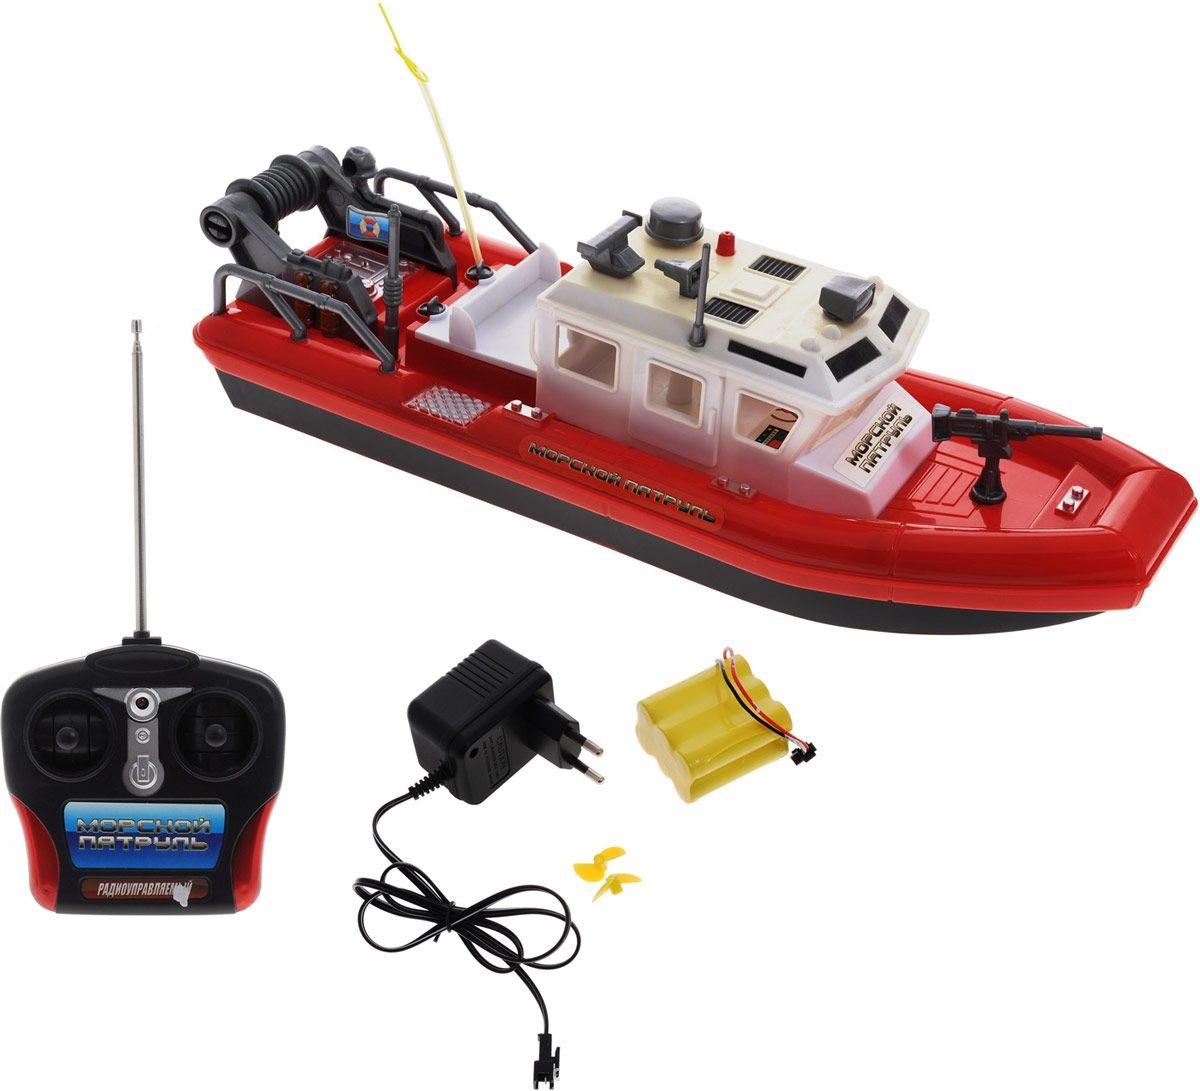 Катер на радиоуправлении «Морской Патруль»Катера, лодки и корабли на радиоуправлении<br>Катер на радиоуправлении «Морской Патруль»<br>